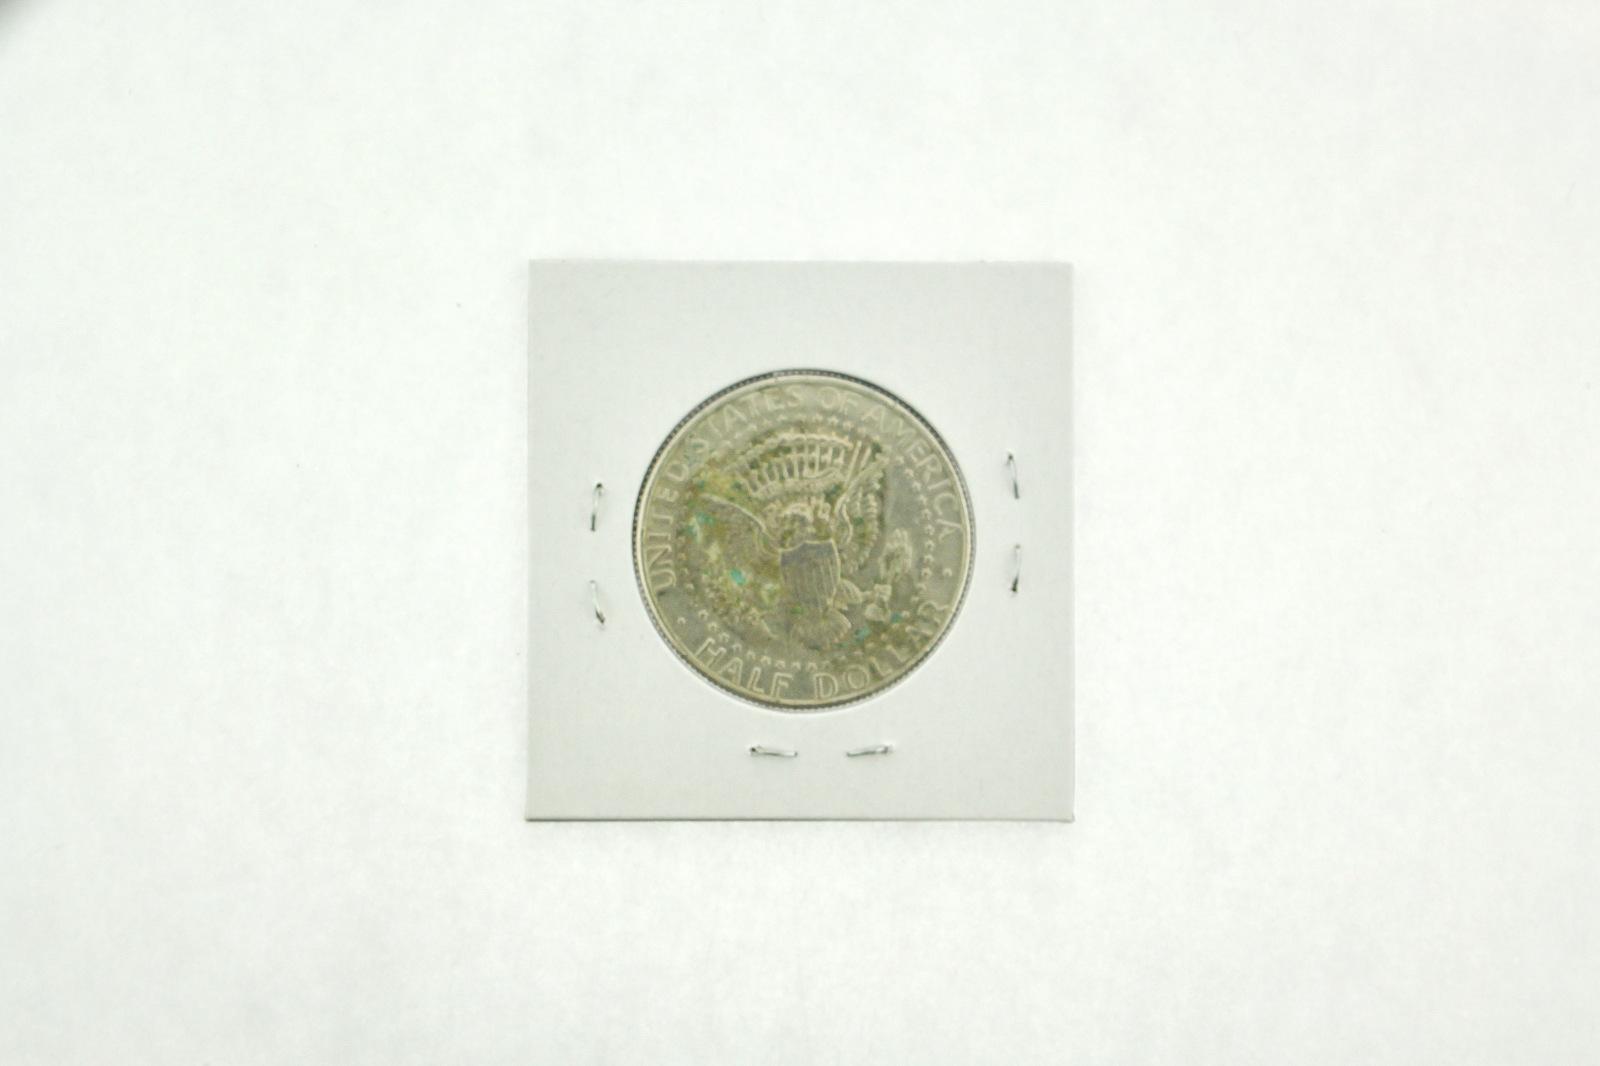 1992-D Kennedy Half Dollar (VG) Very Good N2-3854